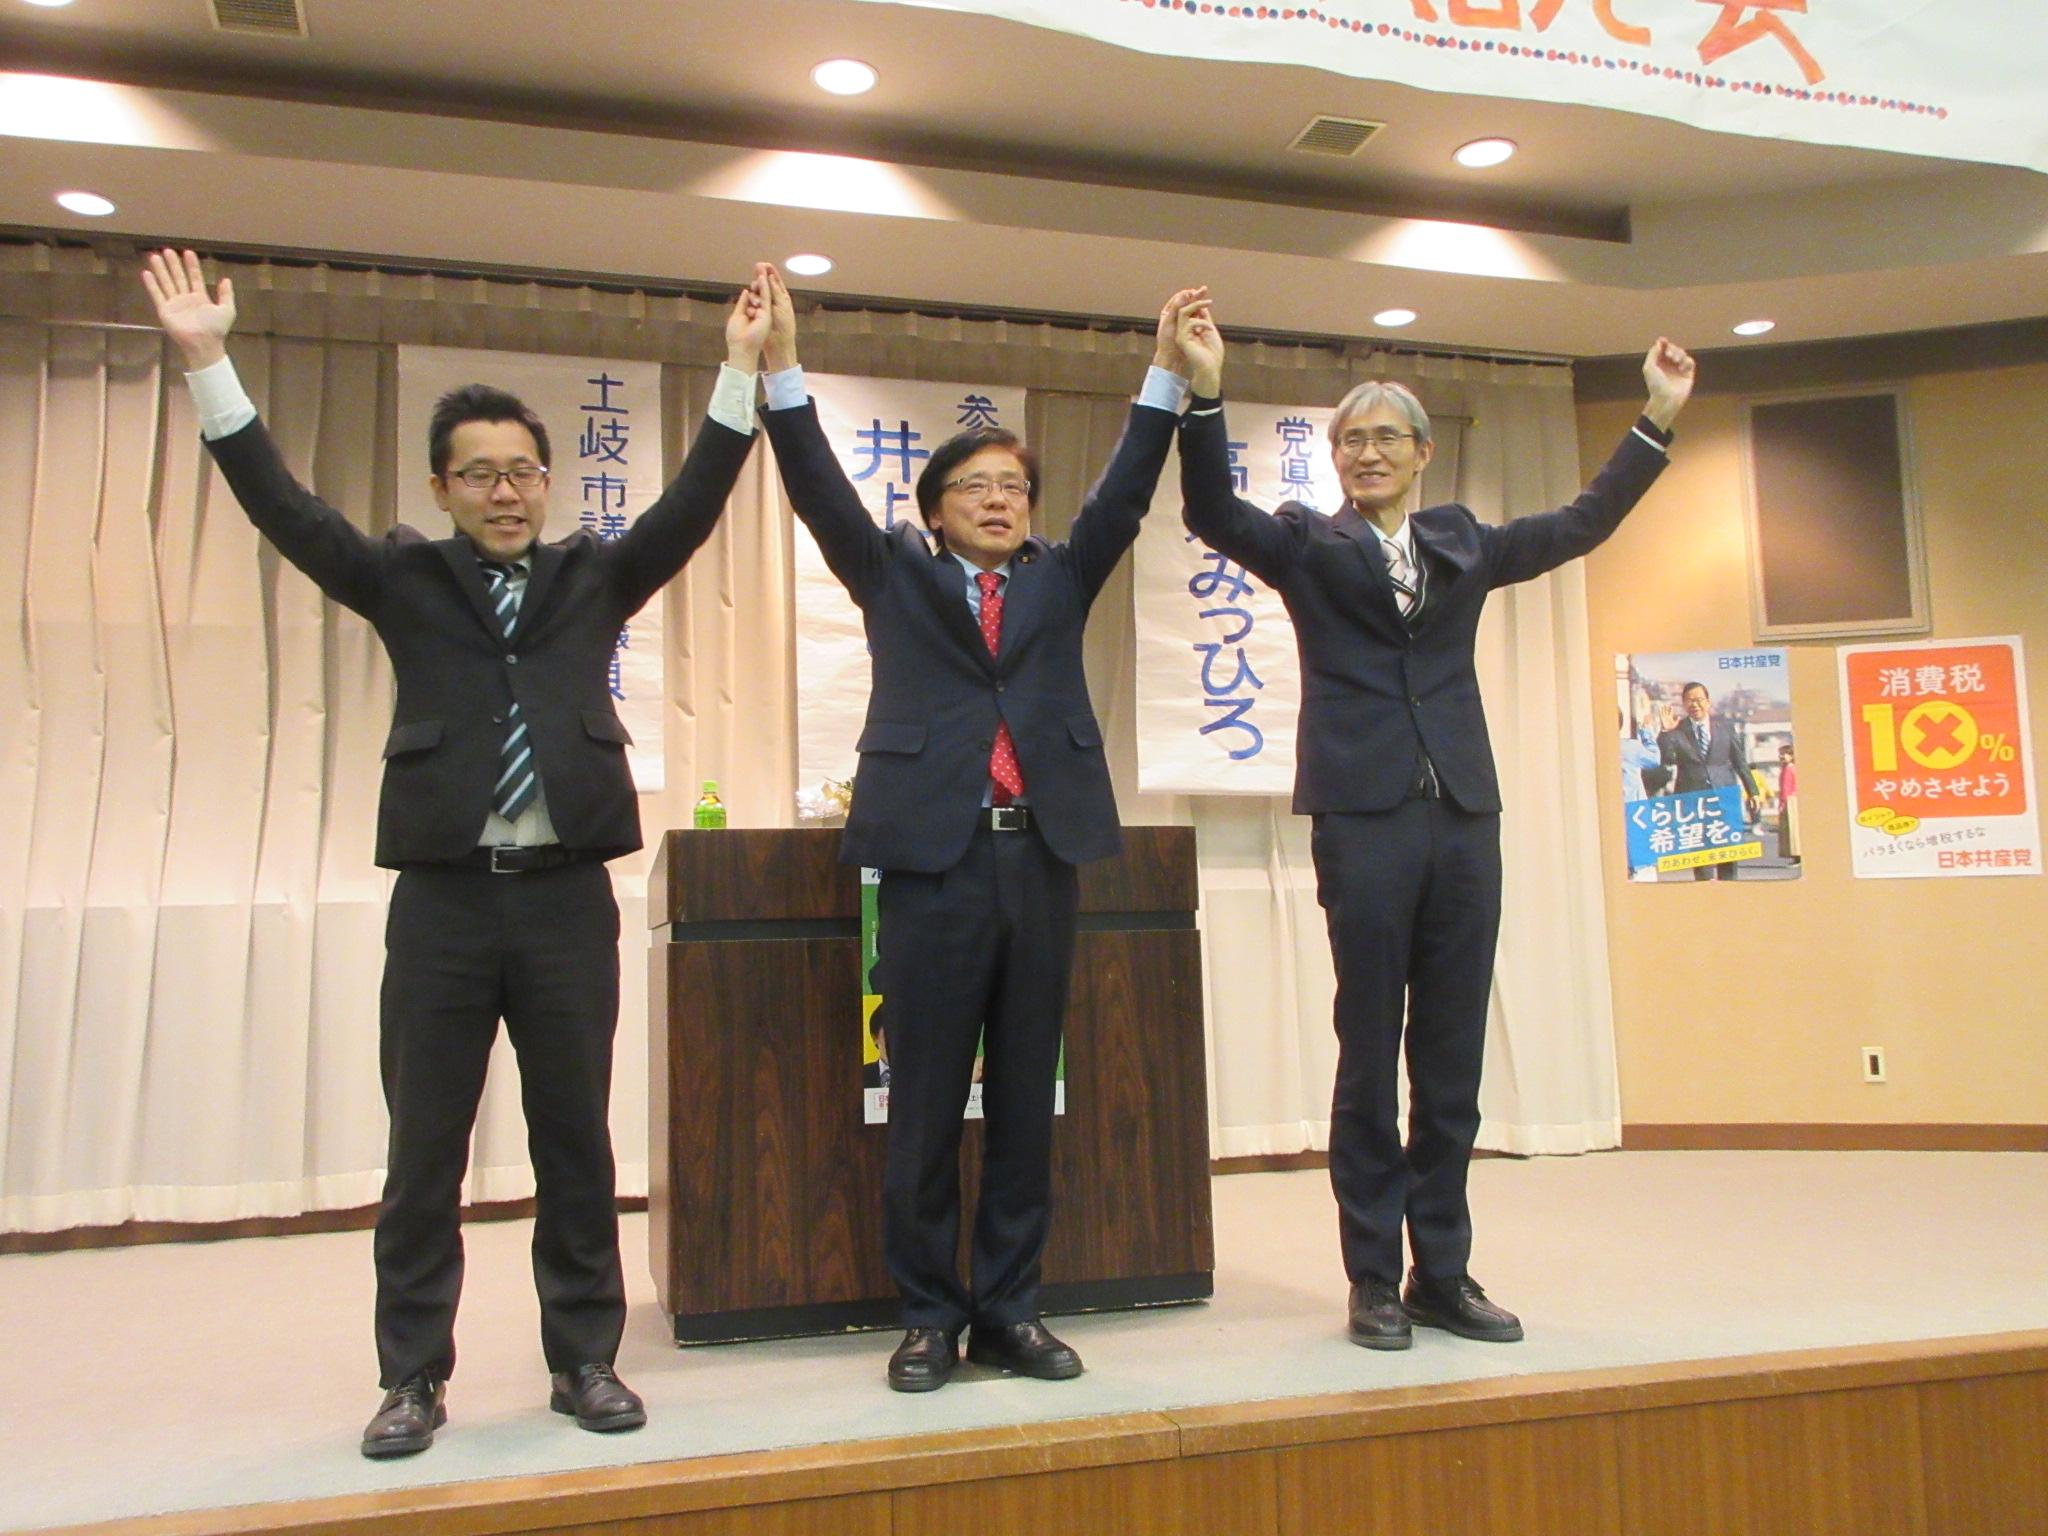 http://www.inoue-satoshi.com/diary/IMG_8369.JPG